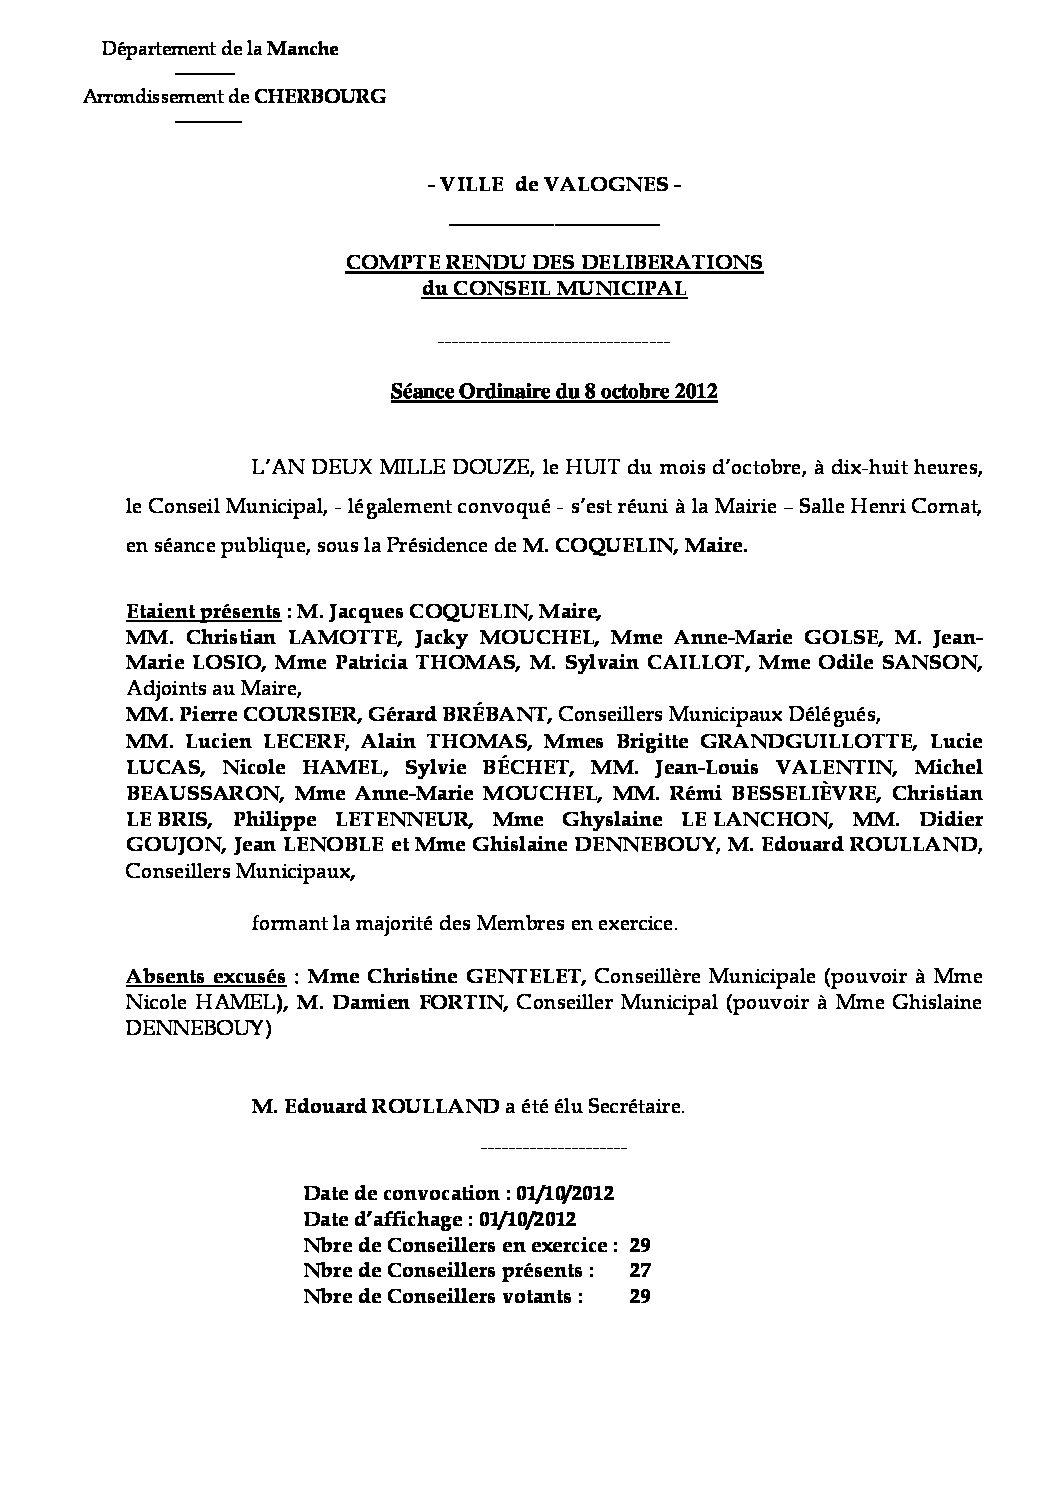 Extrait du registre des délibérations du 08-10-2012 - Compte-rendu des questions soumises à délibération lors de la séance du Conseil Municipal du lundi 8 octobre 2012.